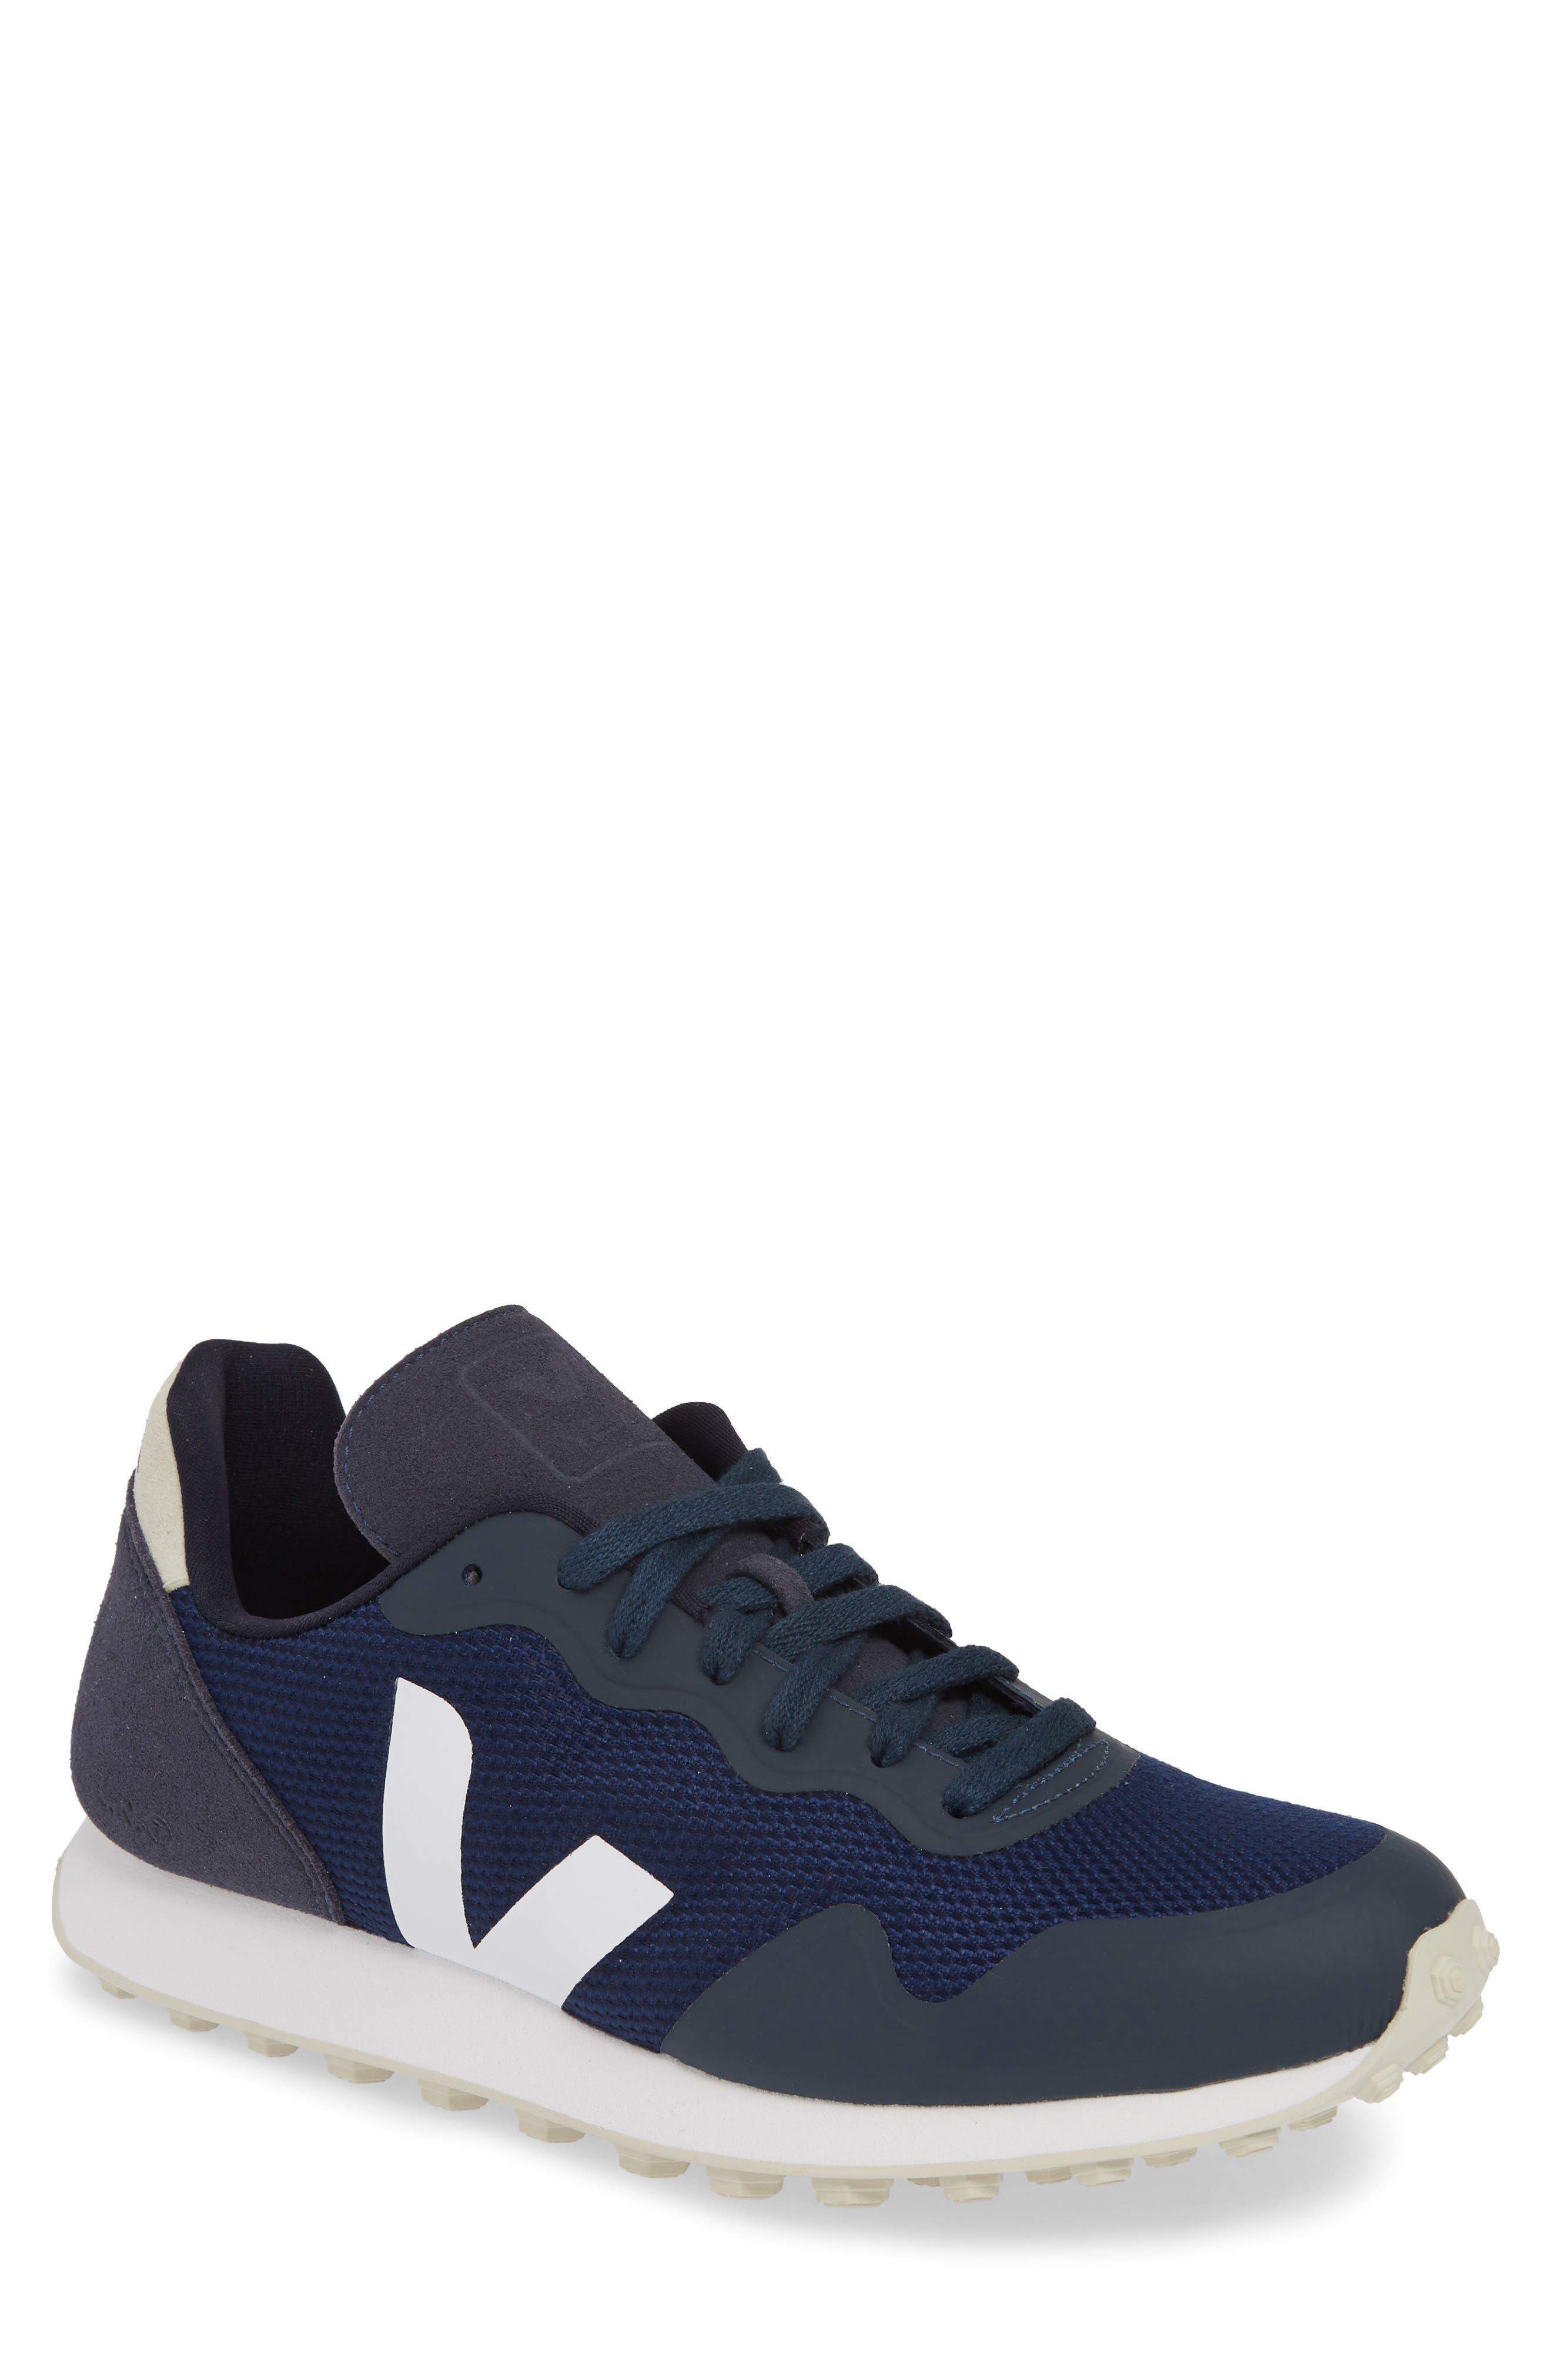 Veja Sdu Rt Sneaker, Blue